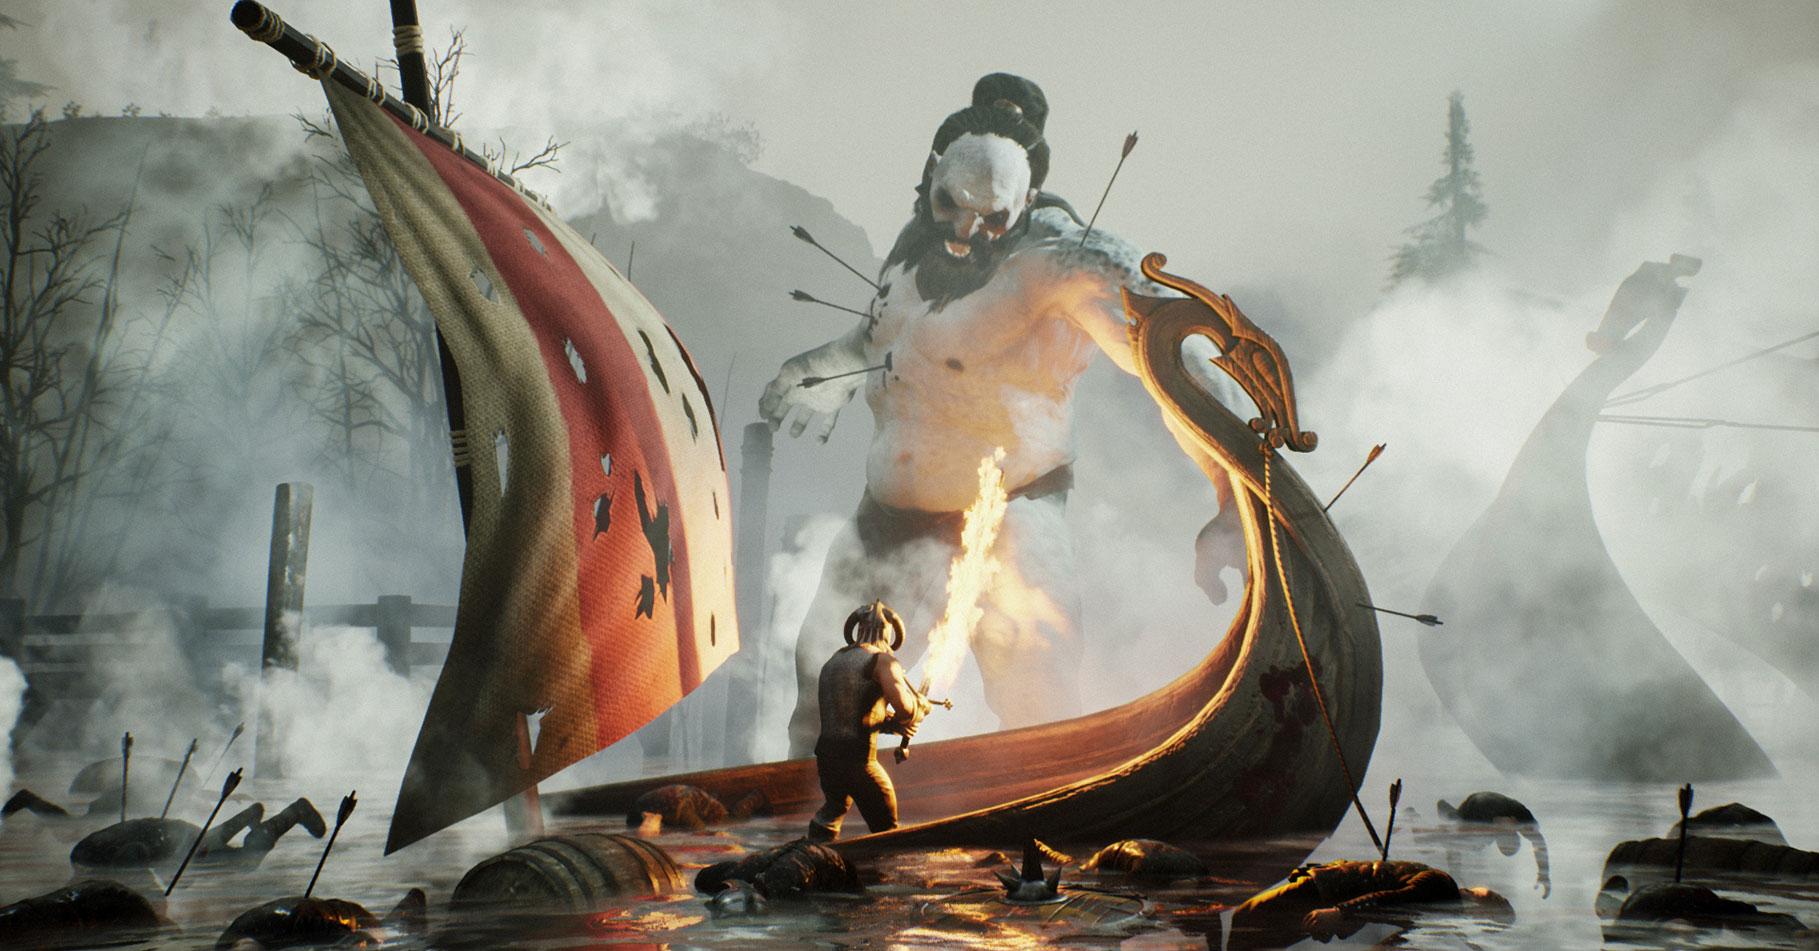 Vikingský RPG titul Rune: Ragnarok na prvních screenshotech 154026